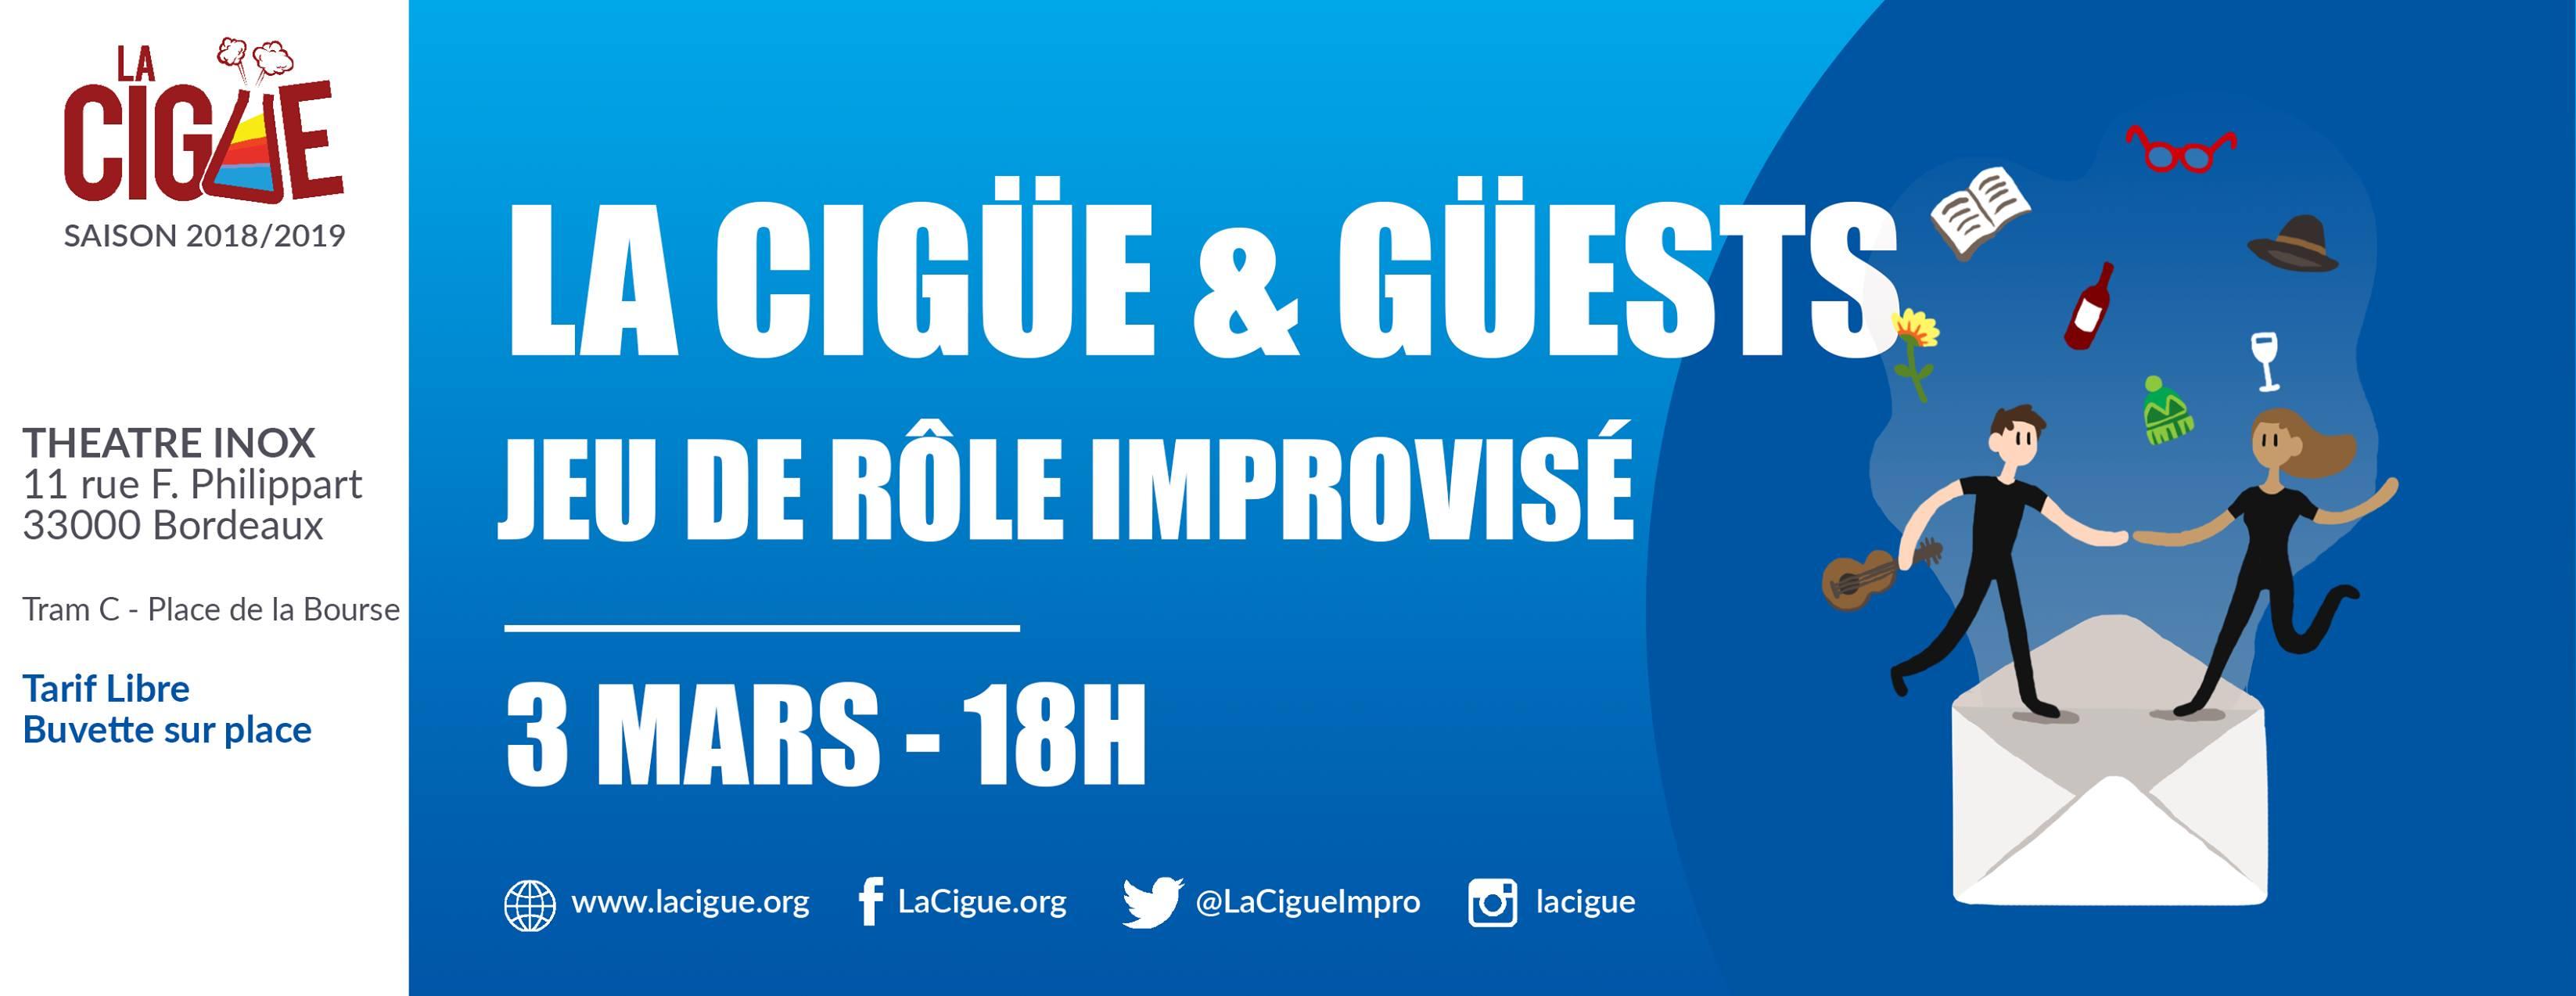 La Cigüe & Güests #2 – Jeu de Rôle improvisé avec Le TICS (Catus)